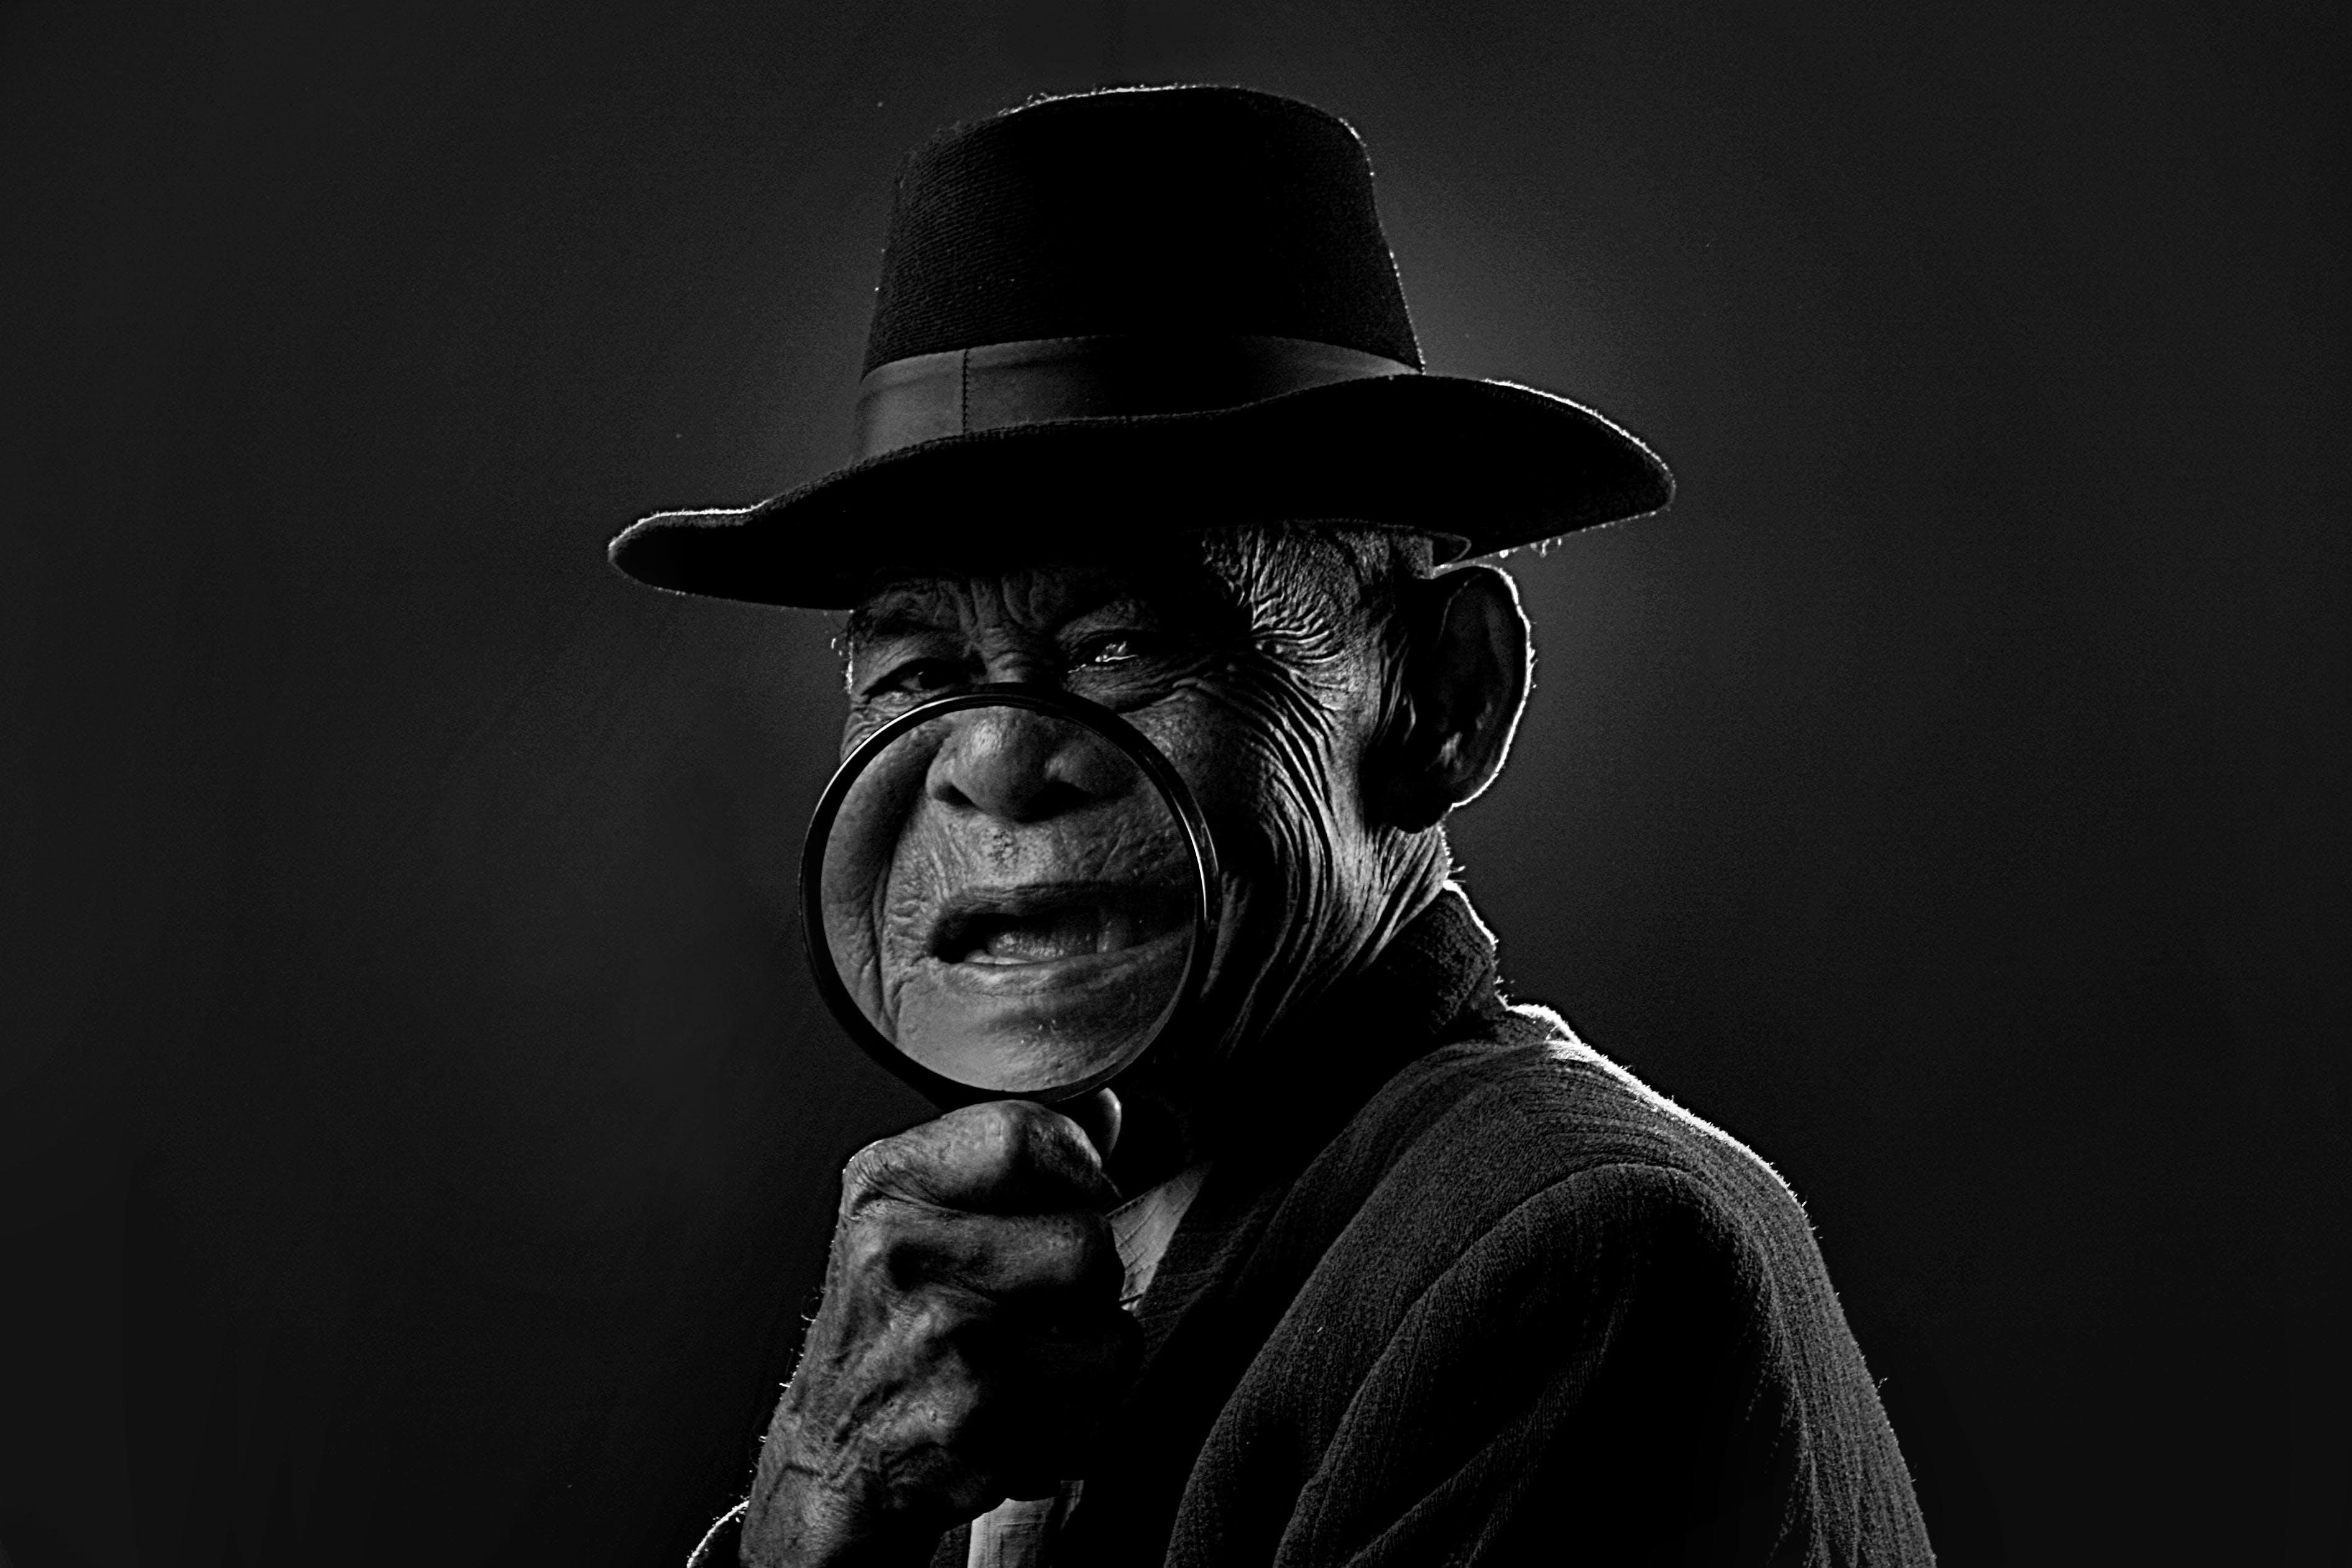 Free stock photo of black and white, black&white, bnw